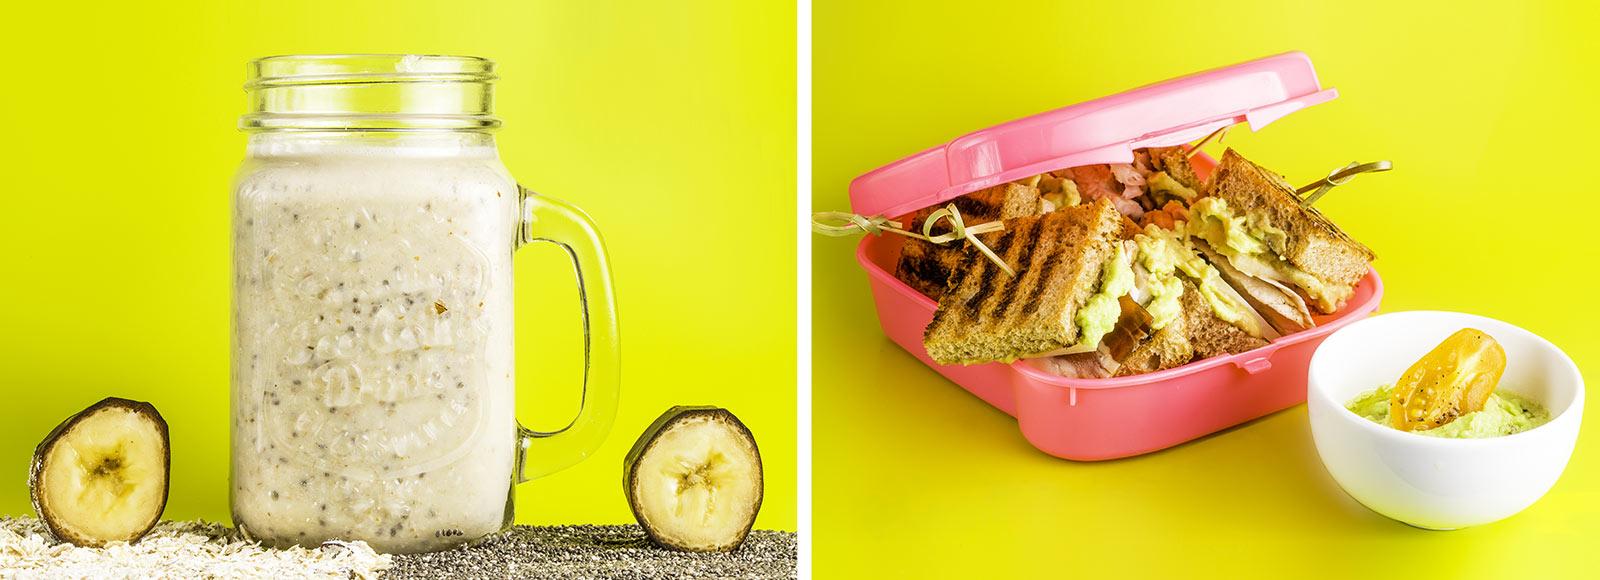 Завтраки в школу: 2 полезных рецепта